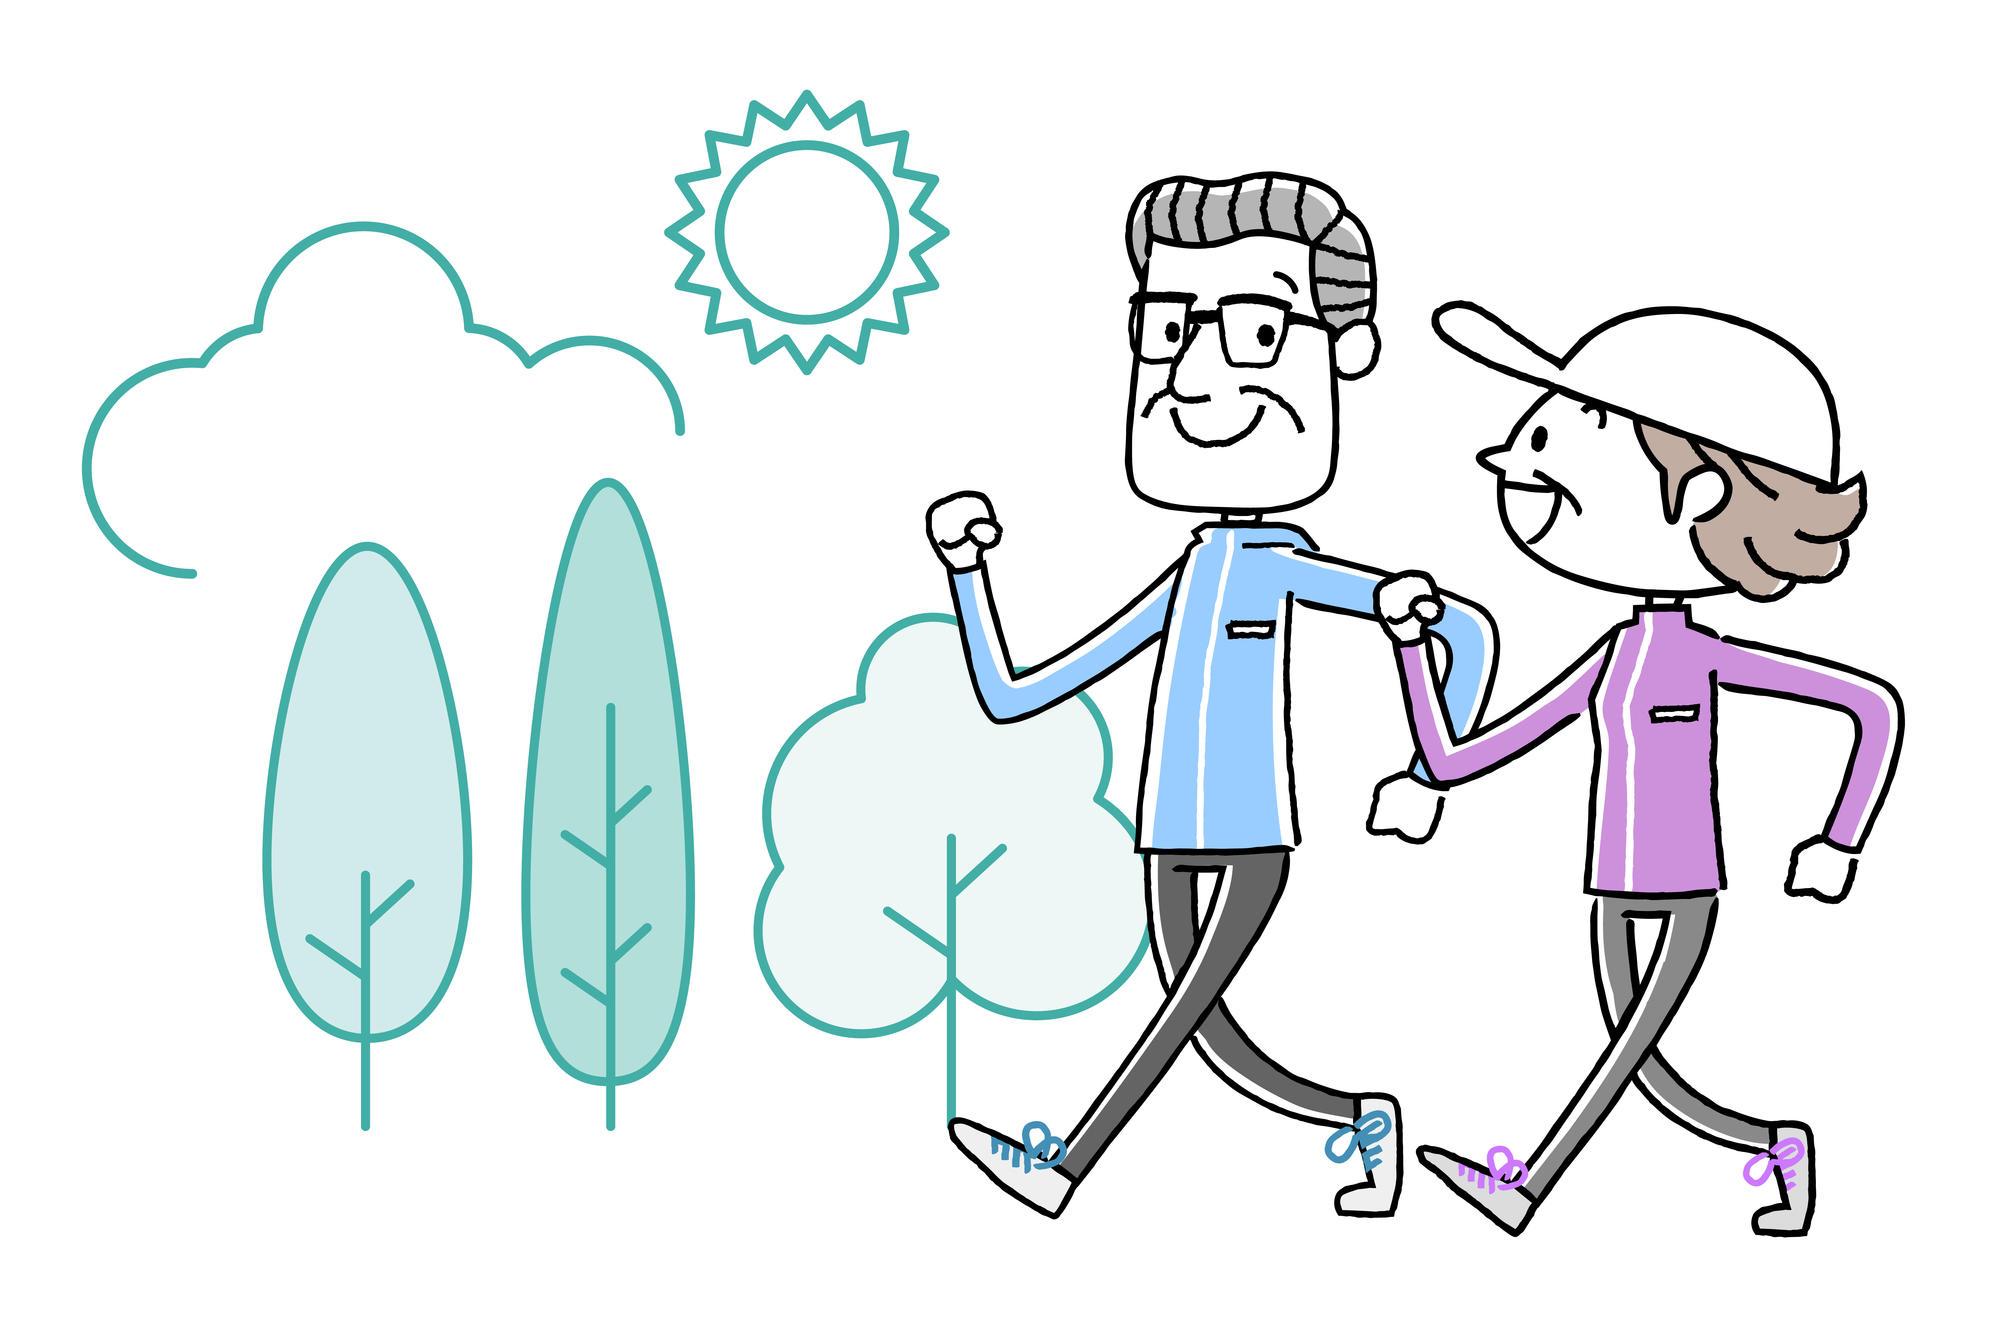 インターバル速歩の健康効果と実践方法|介護のコラム